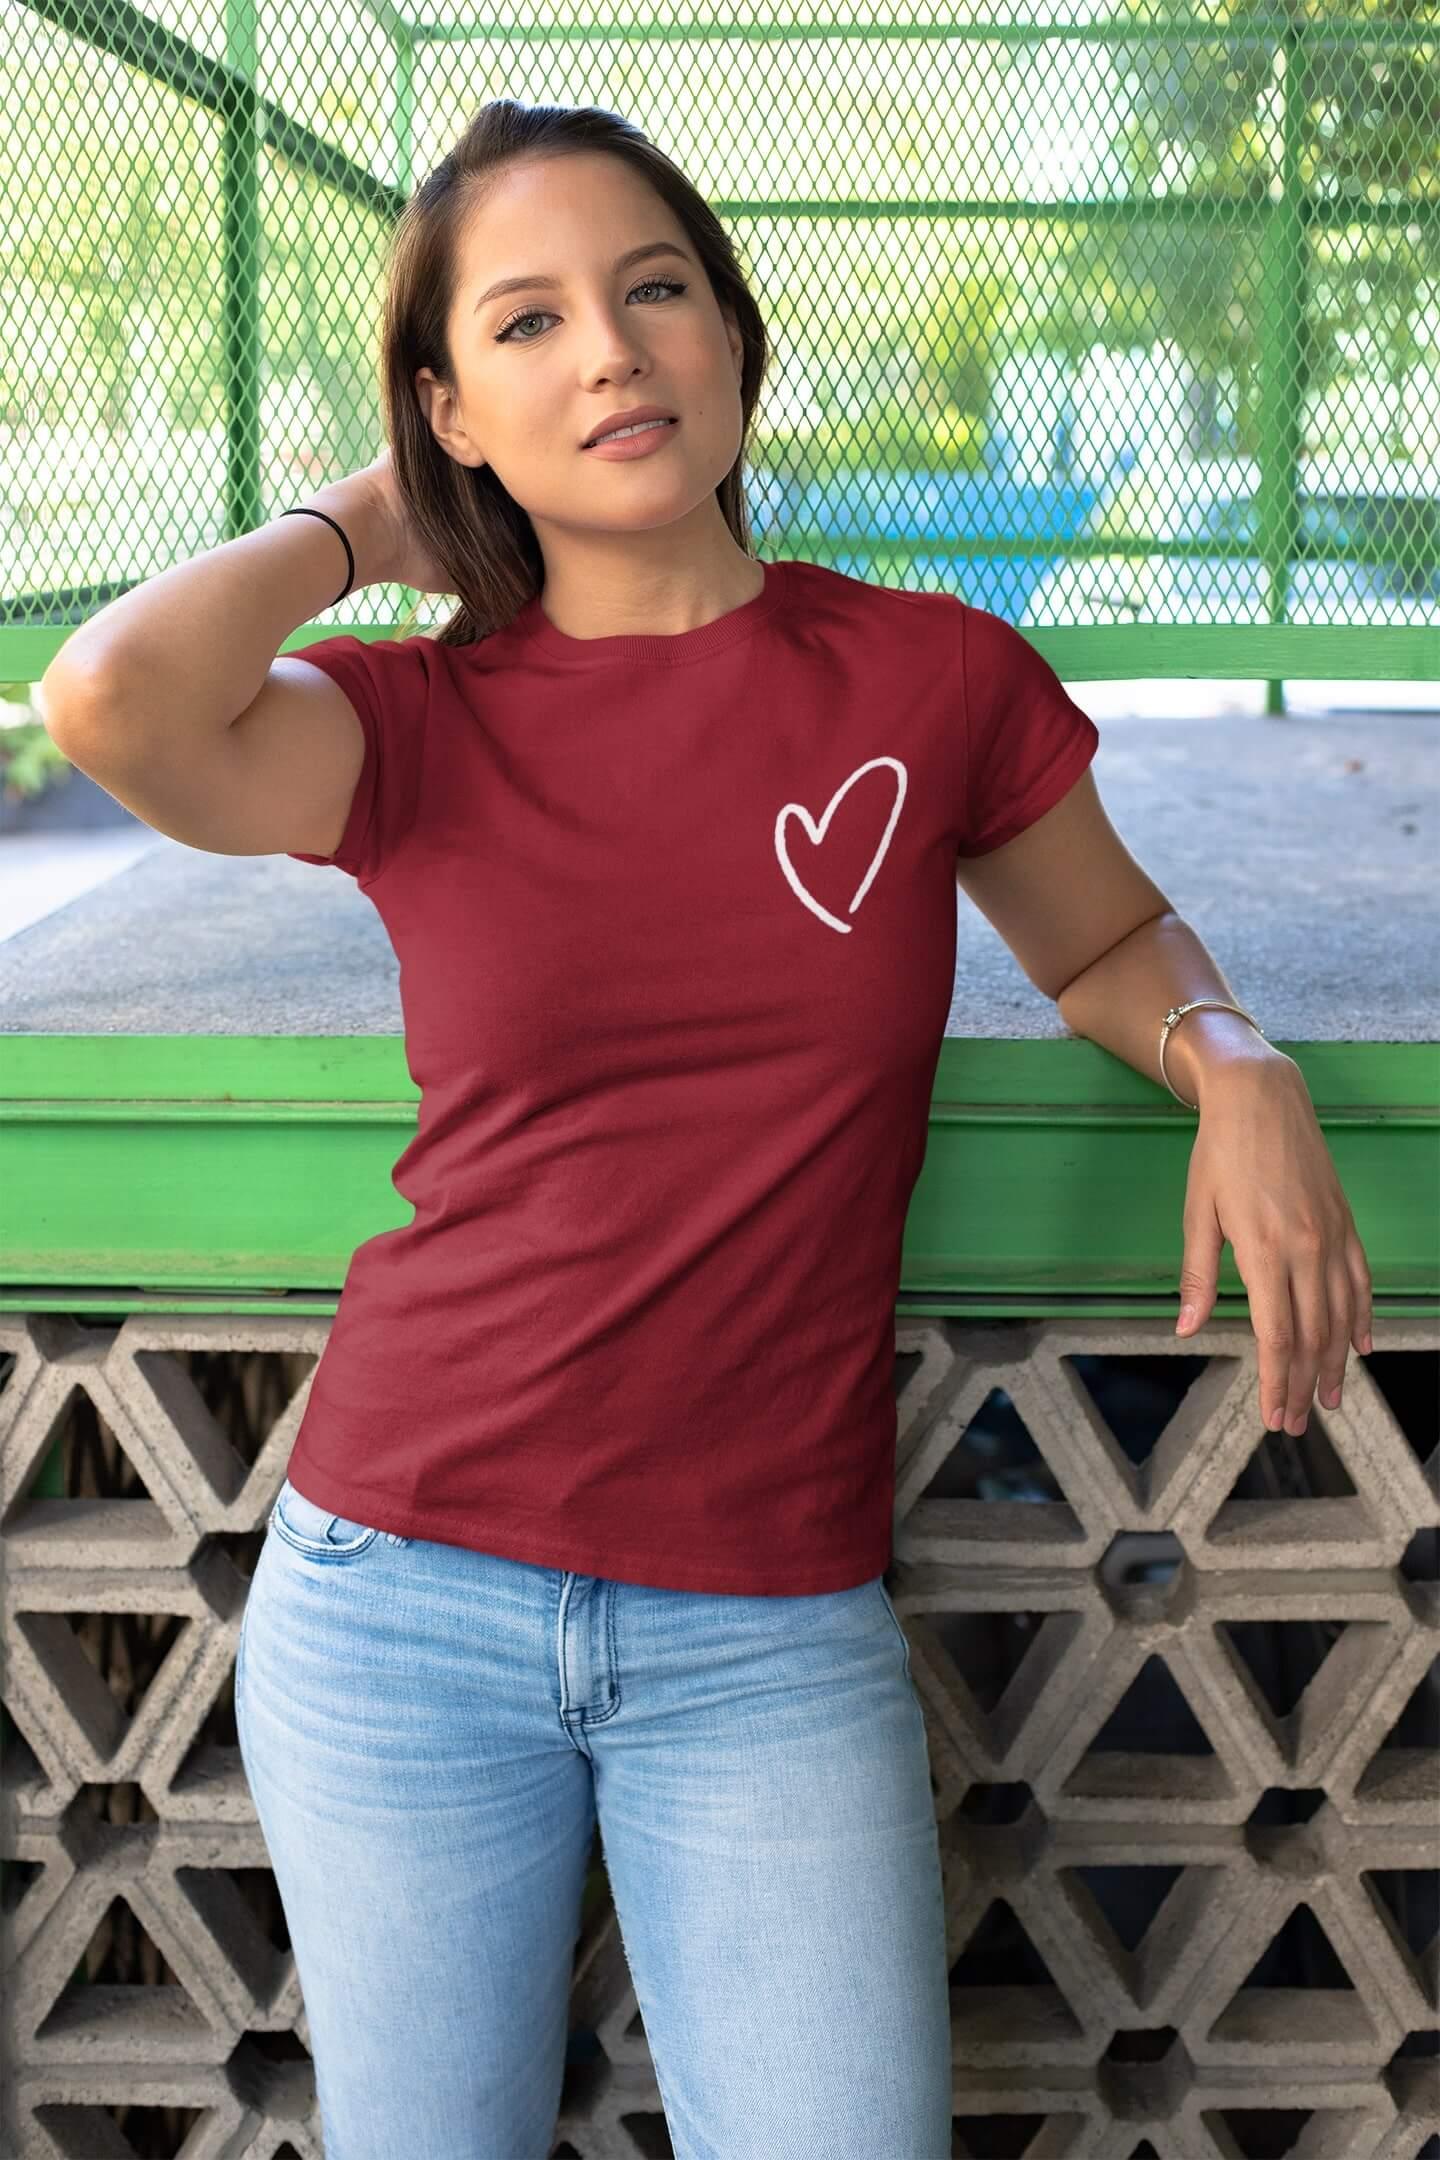 MMO Dámske tričko Srdce Vyberte farbu: Marlboro červená, Dámska veľkosť: M